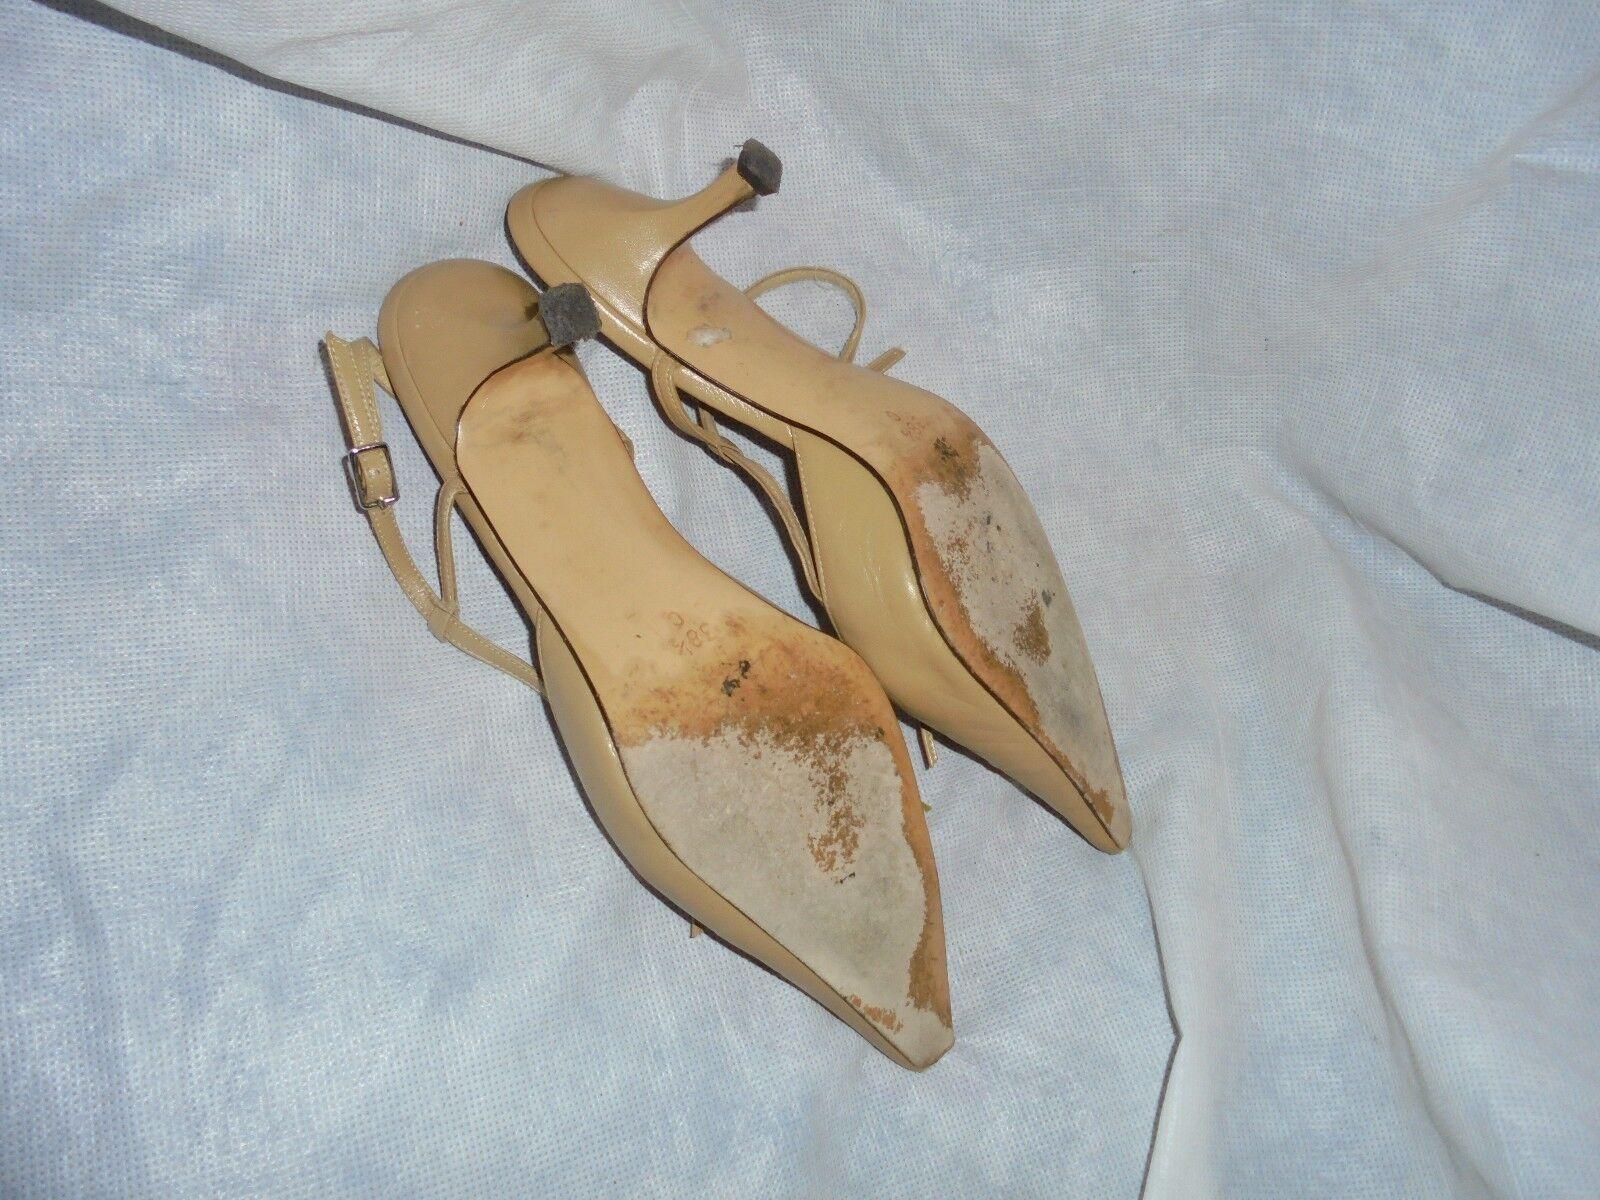 L.K. Bennett Mujer Hebilla de Cuero Tostado Correa Zapatos Talla en Uk 5.5 EU 38.5 en Talla muy buena condición 366af8